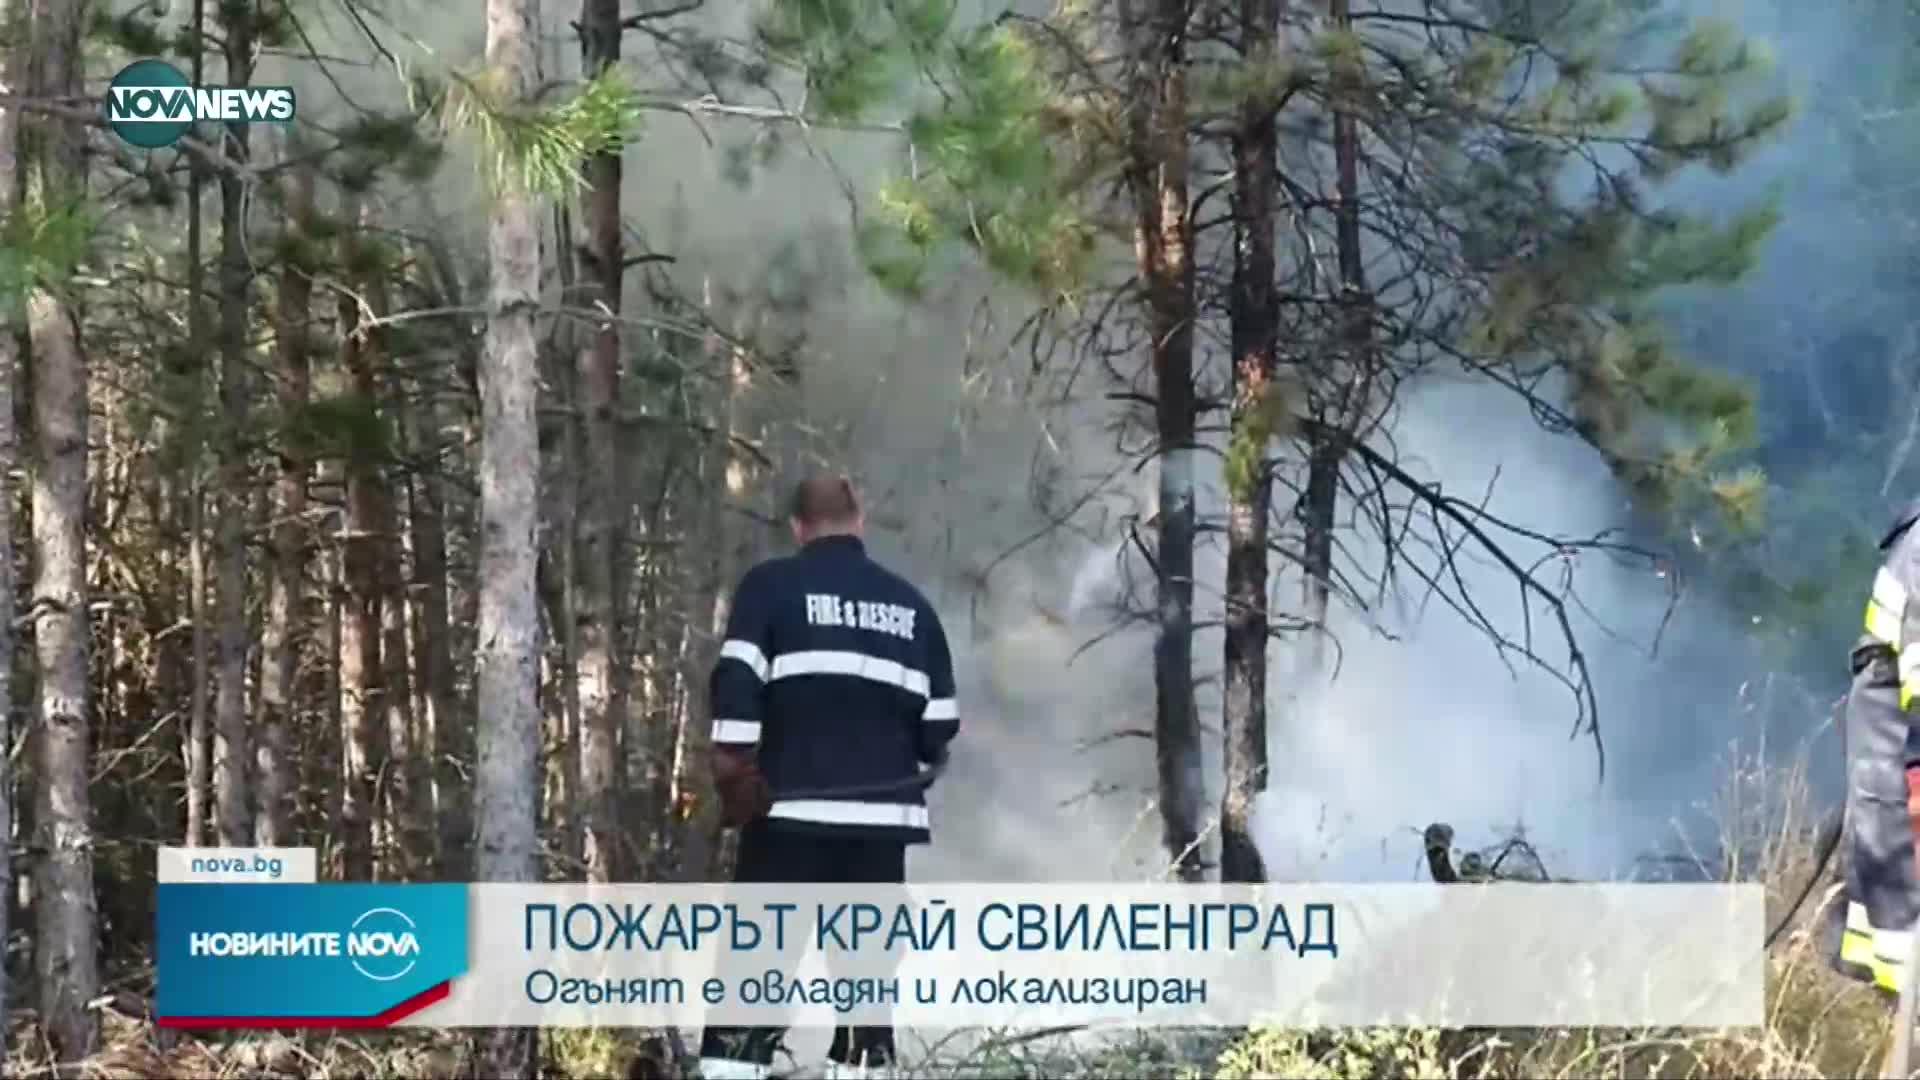 Пожарът в Сакар планина е локализиран и овладян